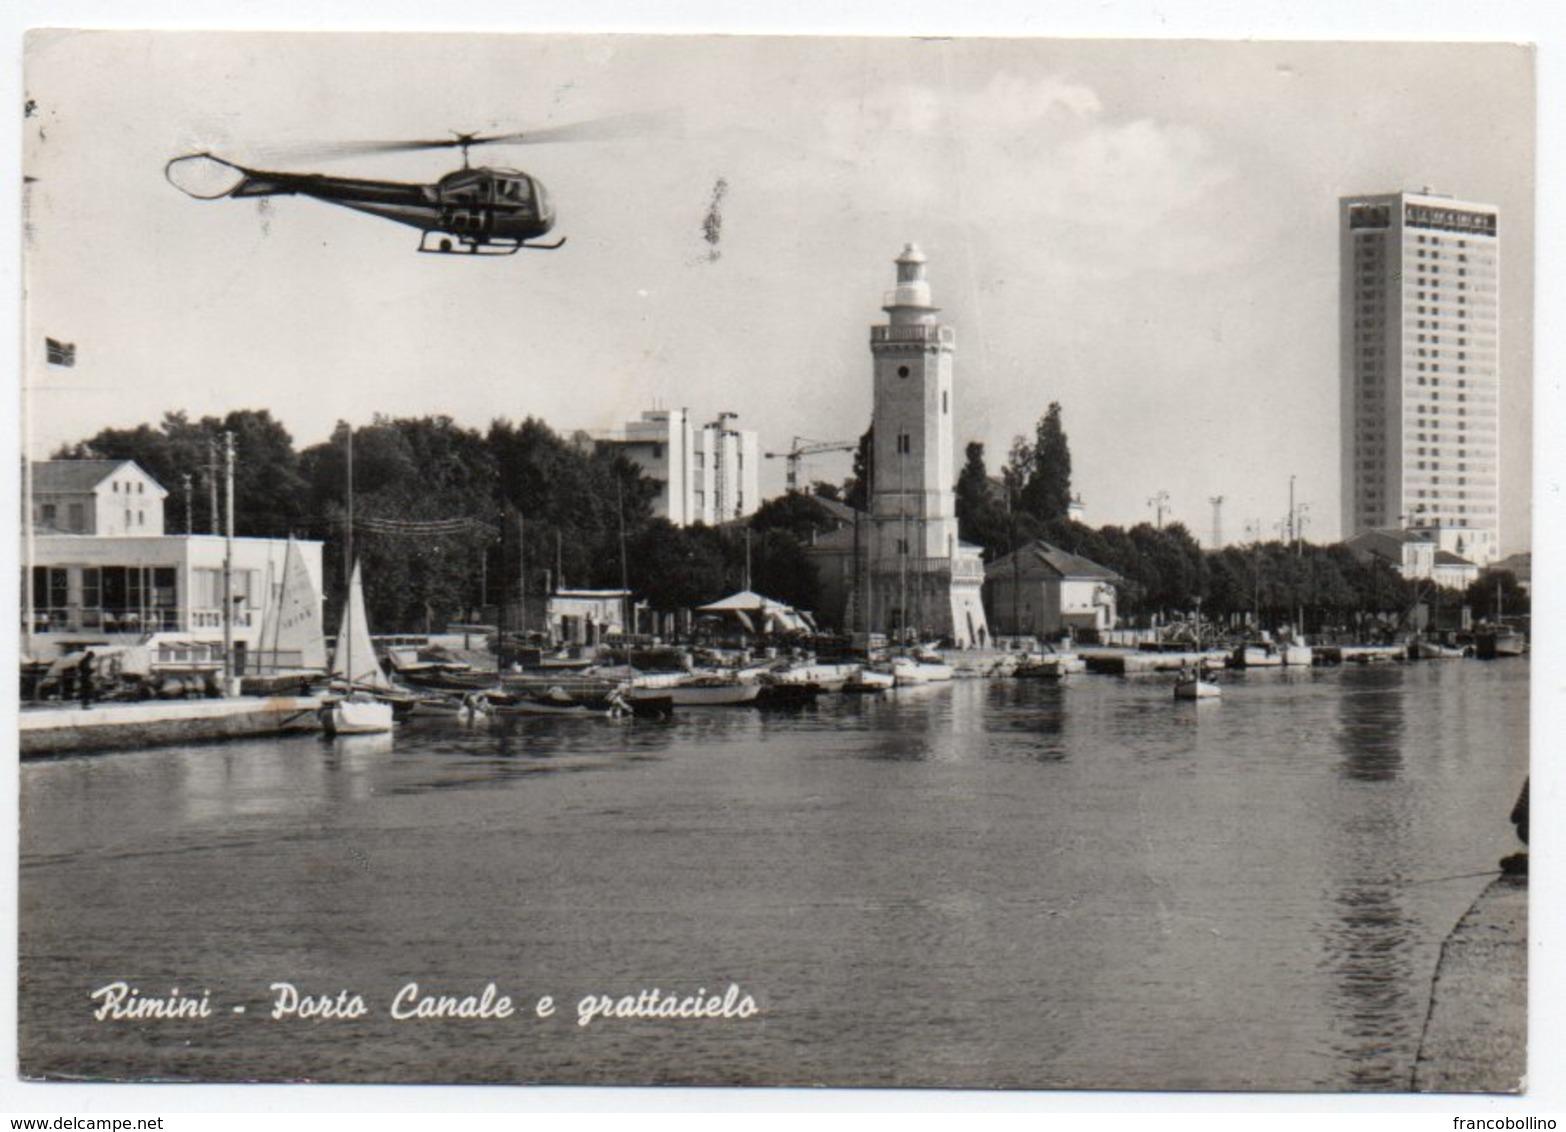 RIMINI - PORTO CANALE E GRATTACIELO / HELICOPTER / ELICOTTERO - Rimini